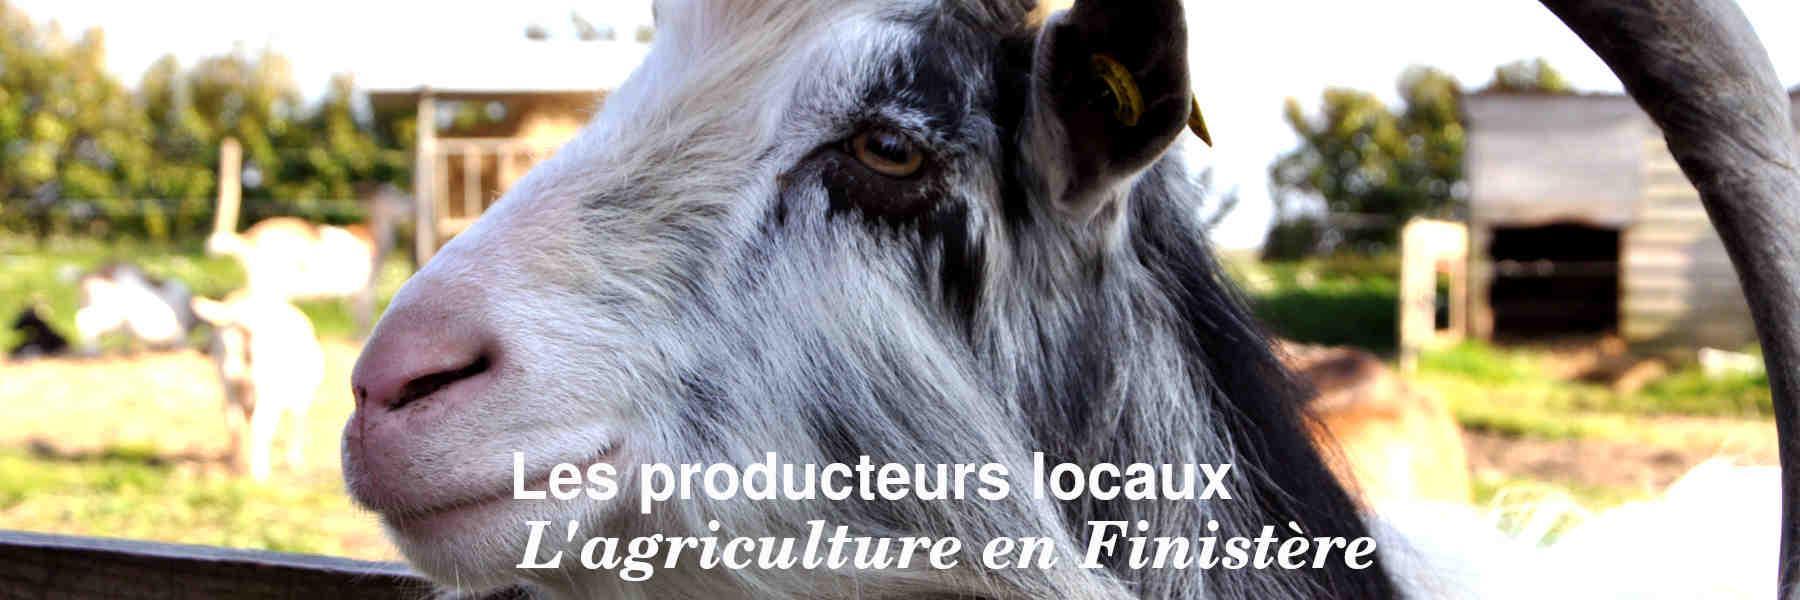 Les producteurs locaux du Finistère